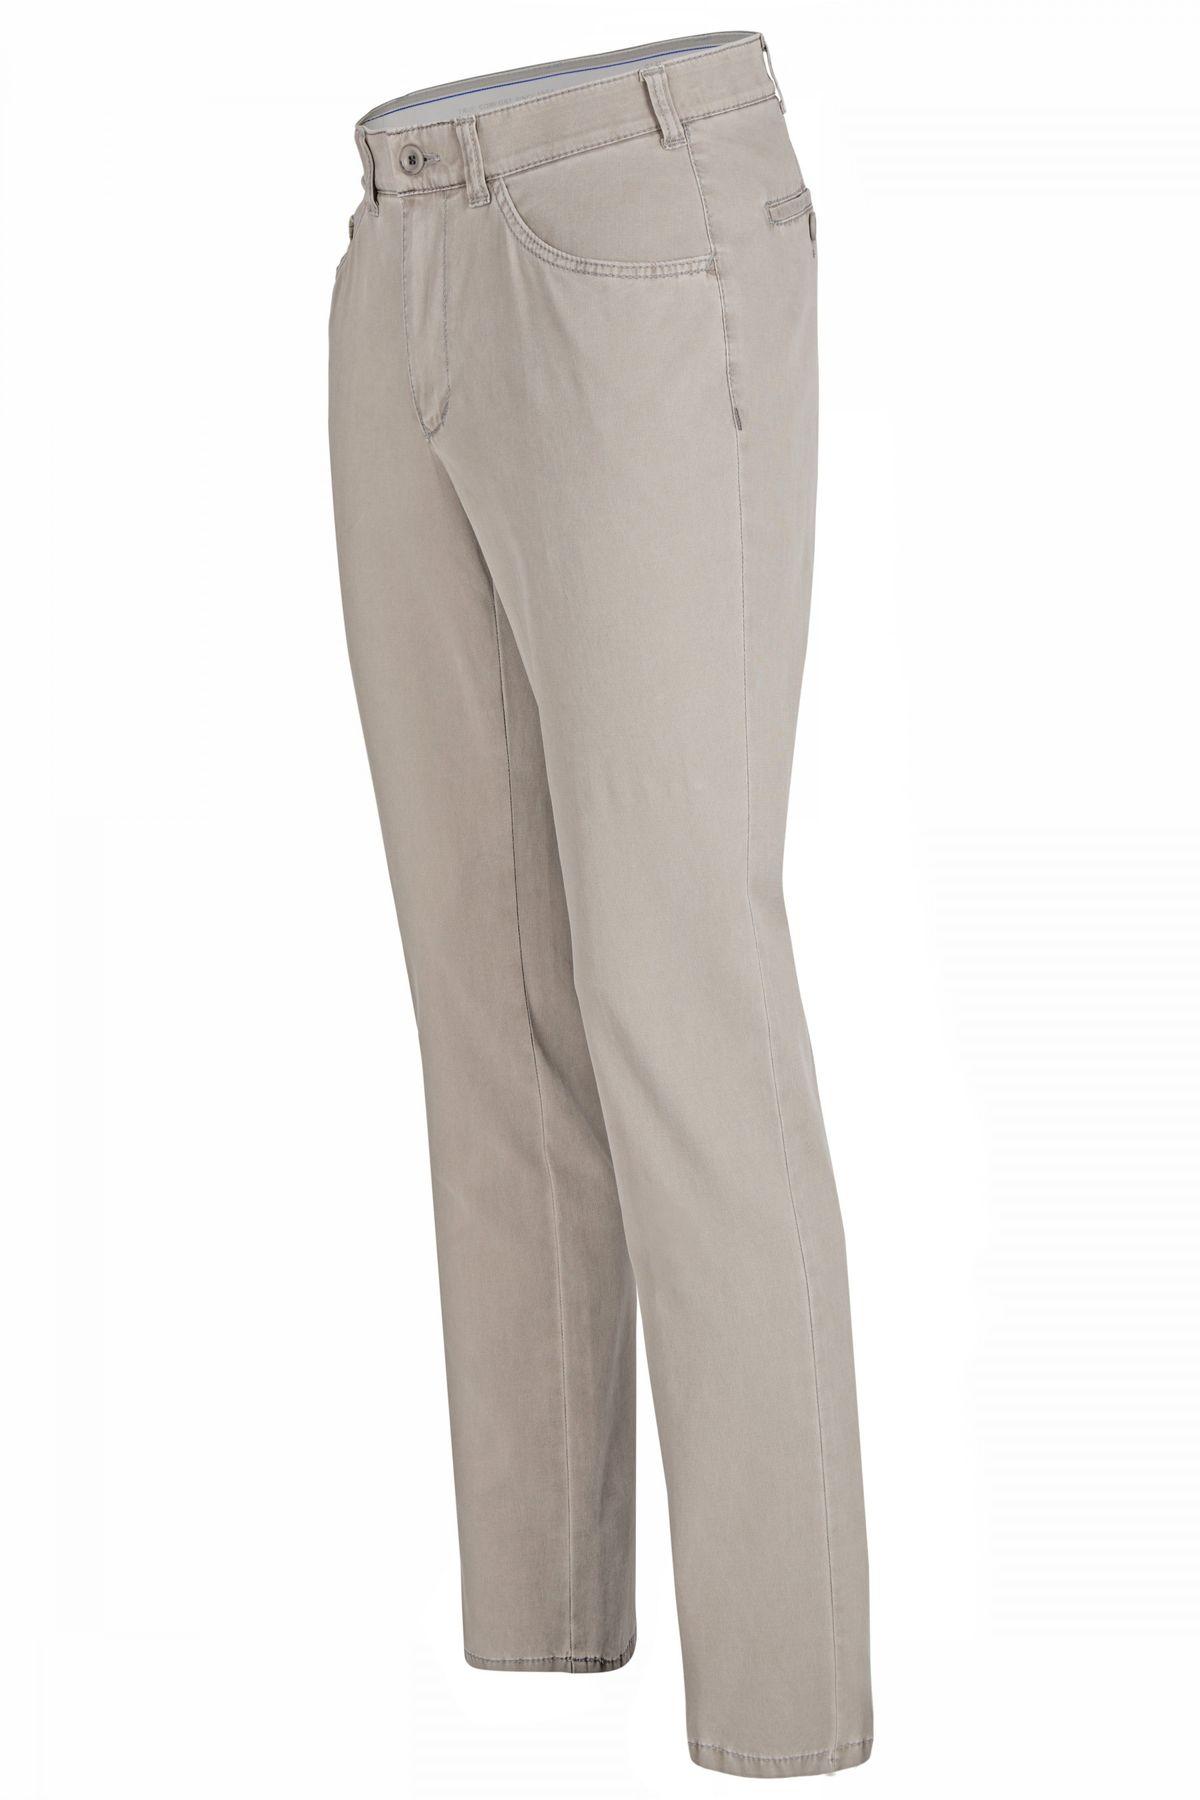 Bundle - Club of Comfort - Herren Swing Pocket Jeans, Regular Leg, in 3 Farben, Keno (6527) – Bild 2